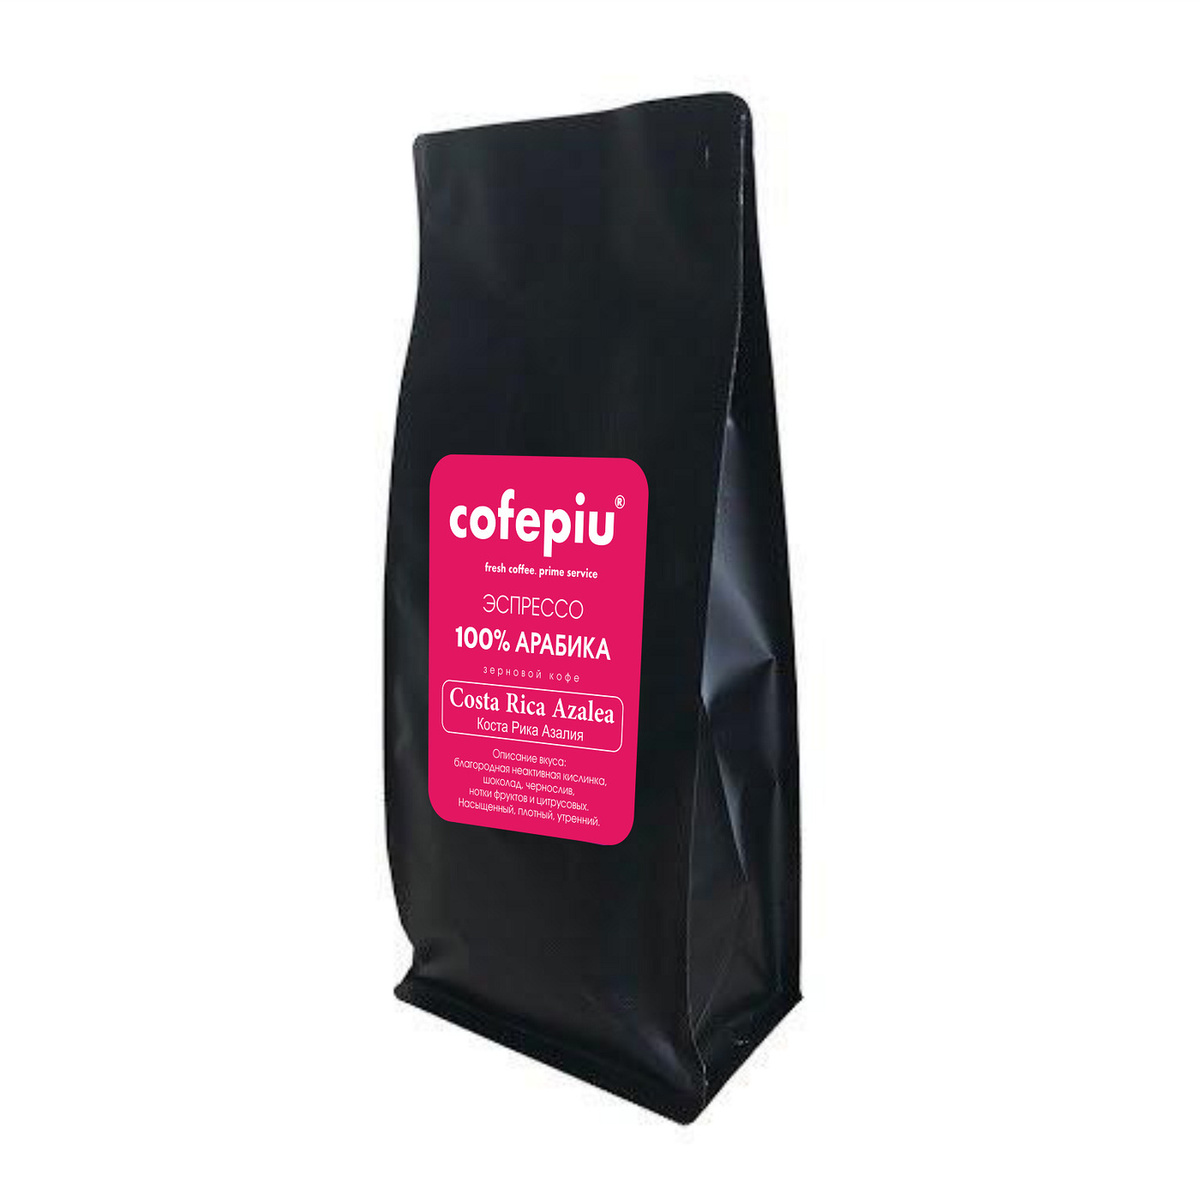 Кофе в зернах COFEPIU espresso Арабика сорт Costa Rica Azalea,1 кг. #1